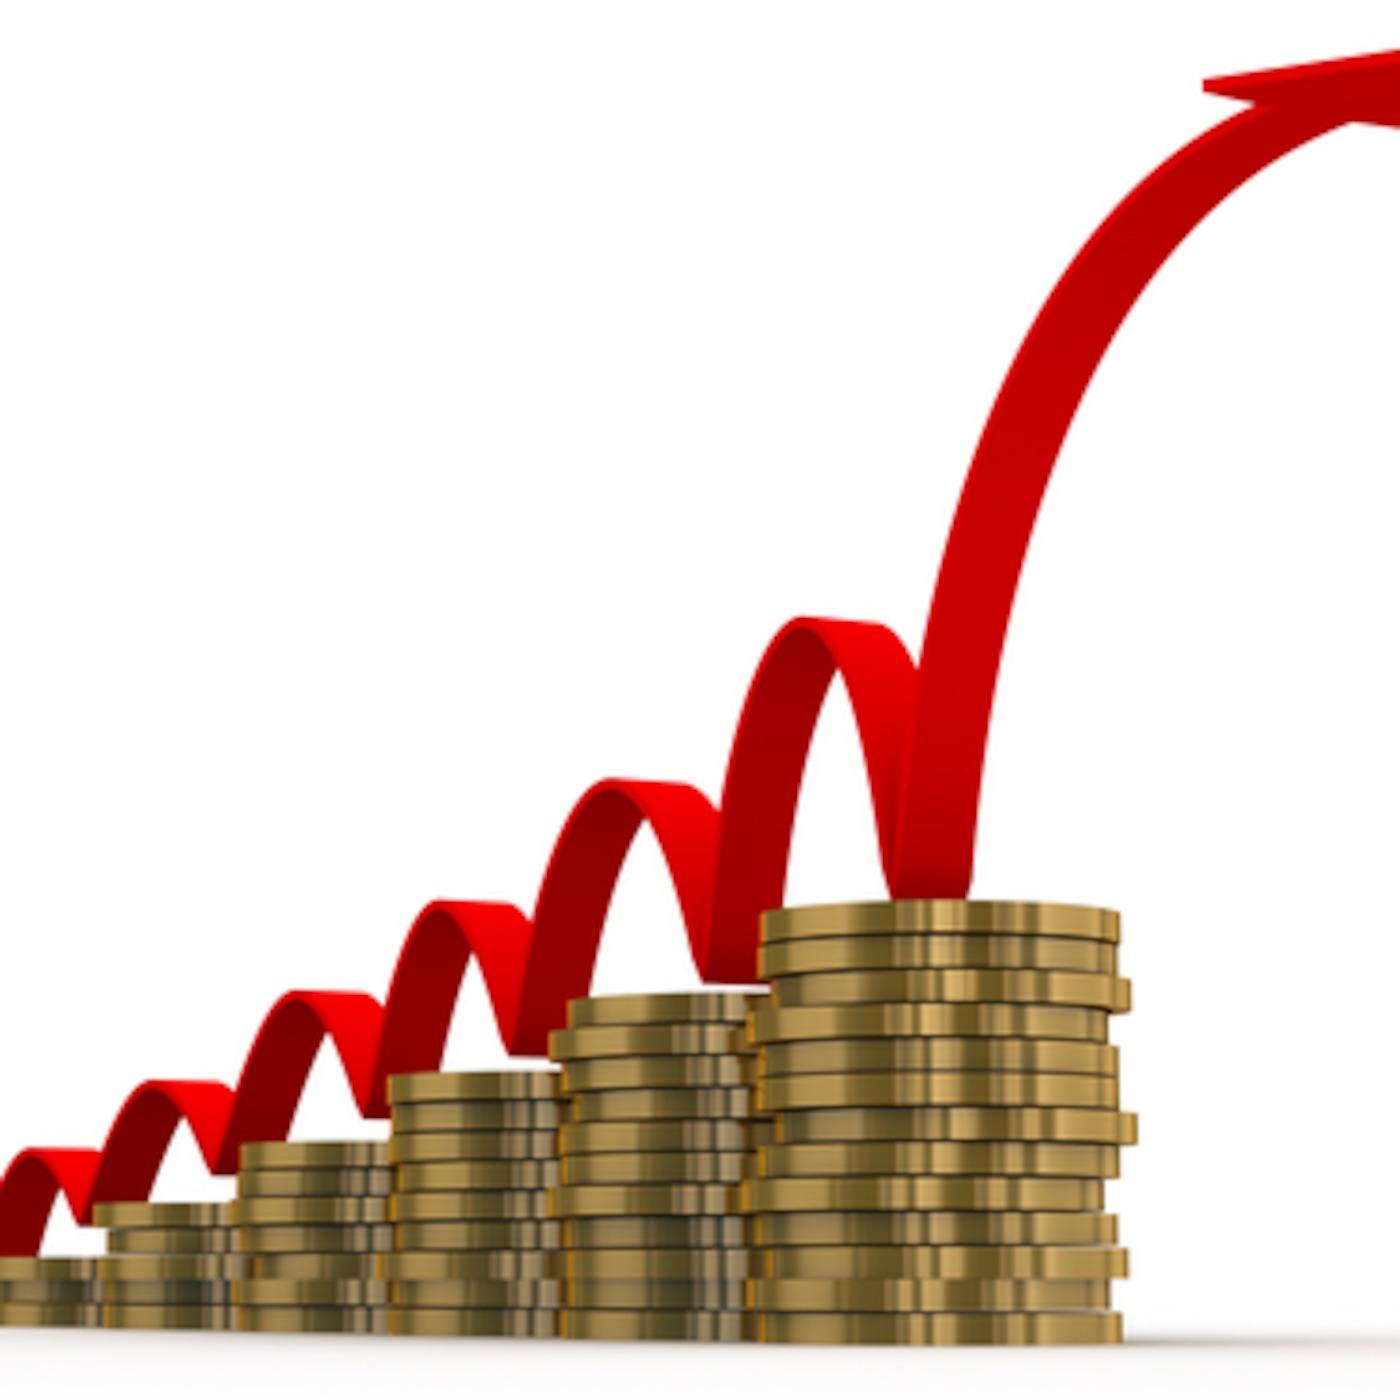 Объем спроса на деньги будет больше чем объем предложения денег